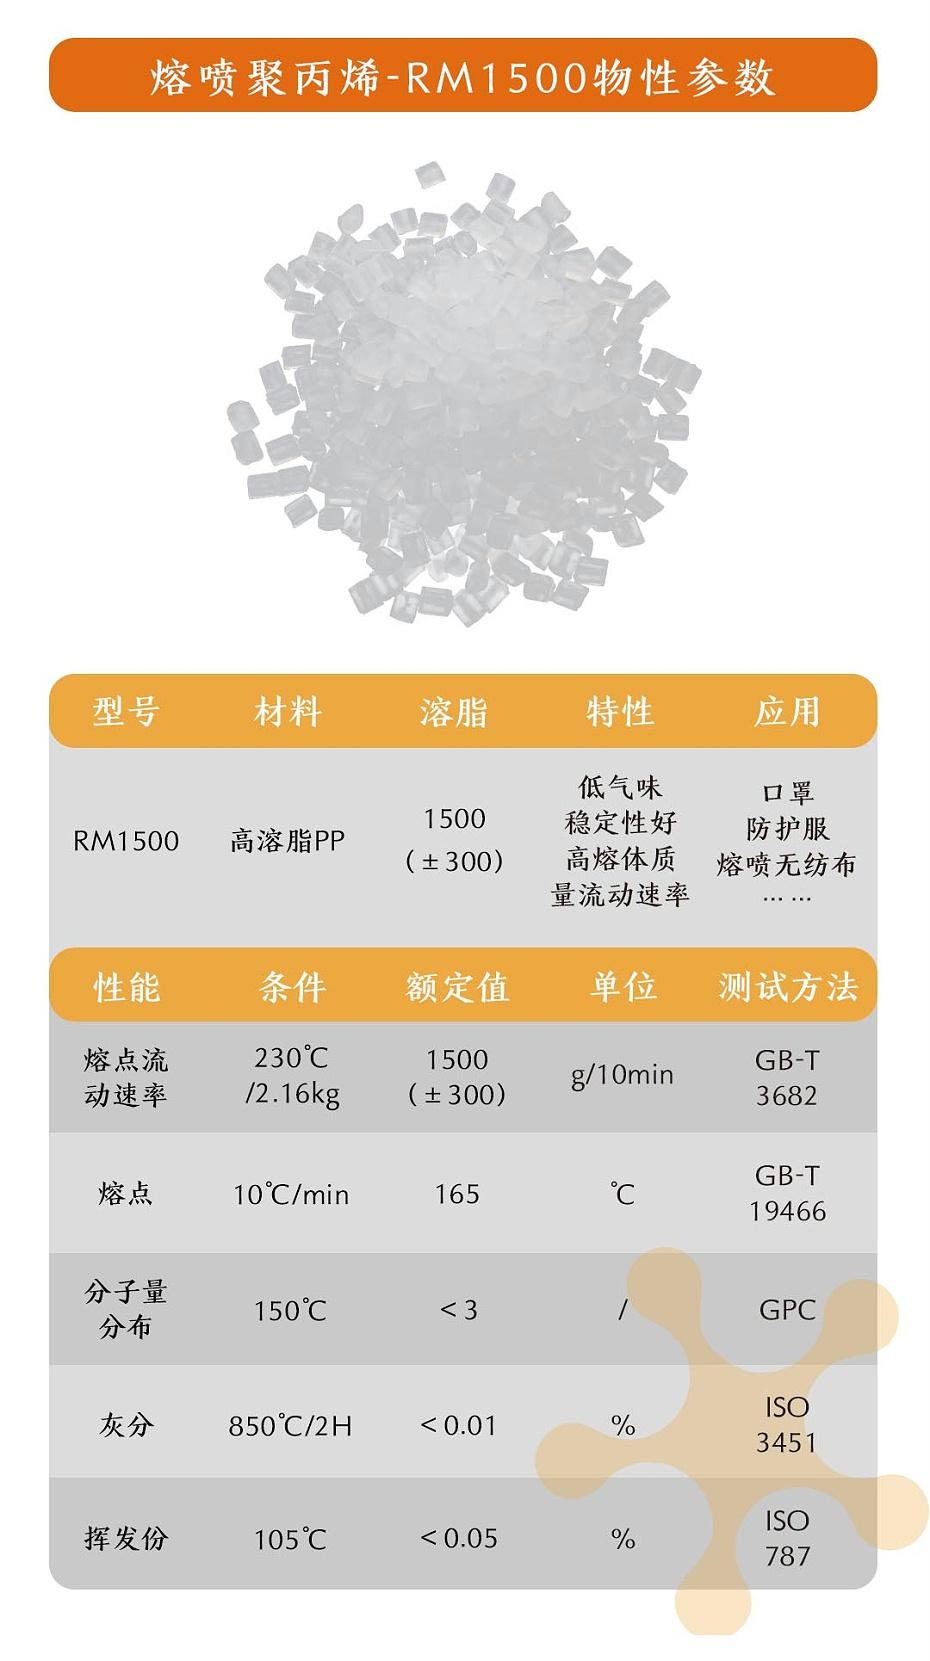 熔喷聚丙烯介绍